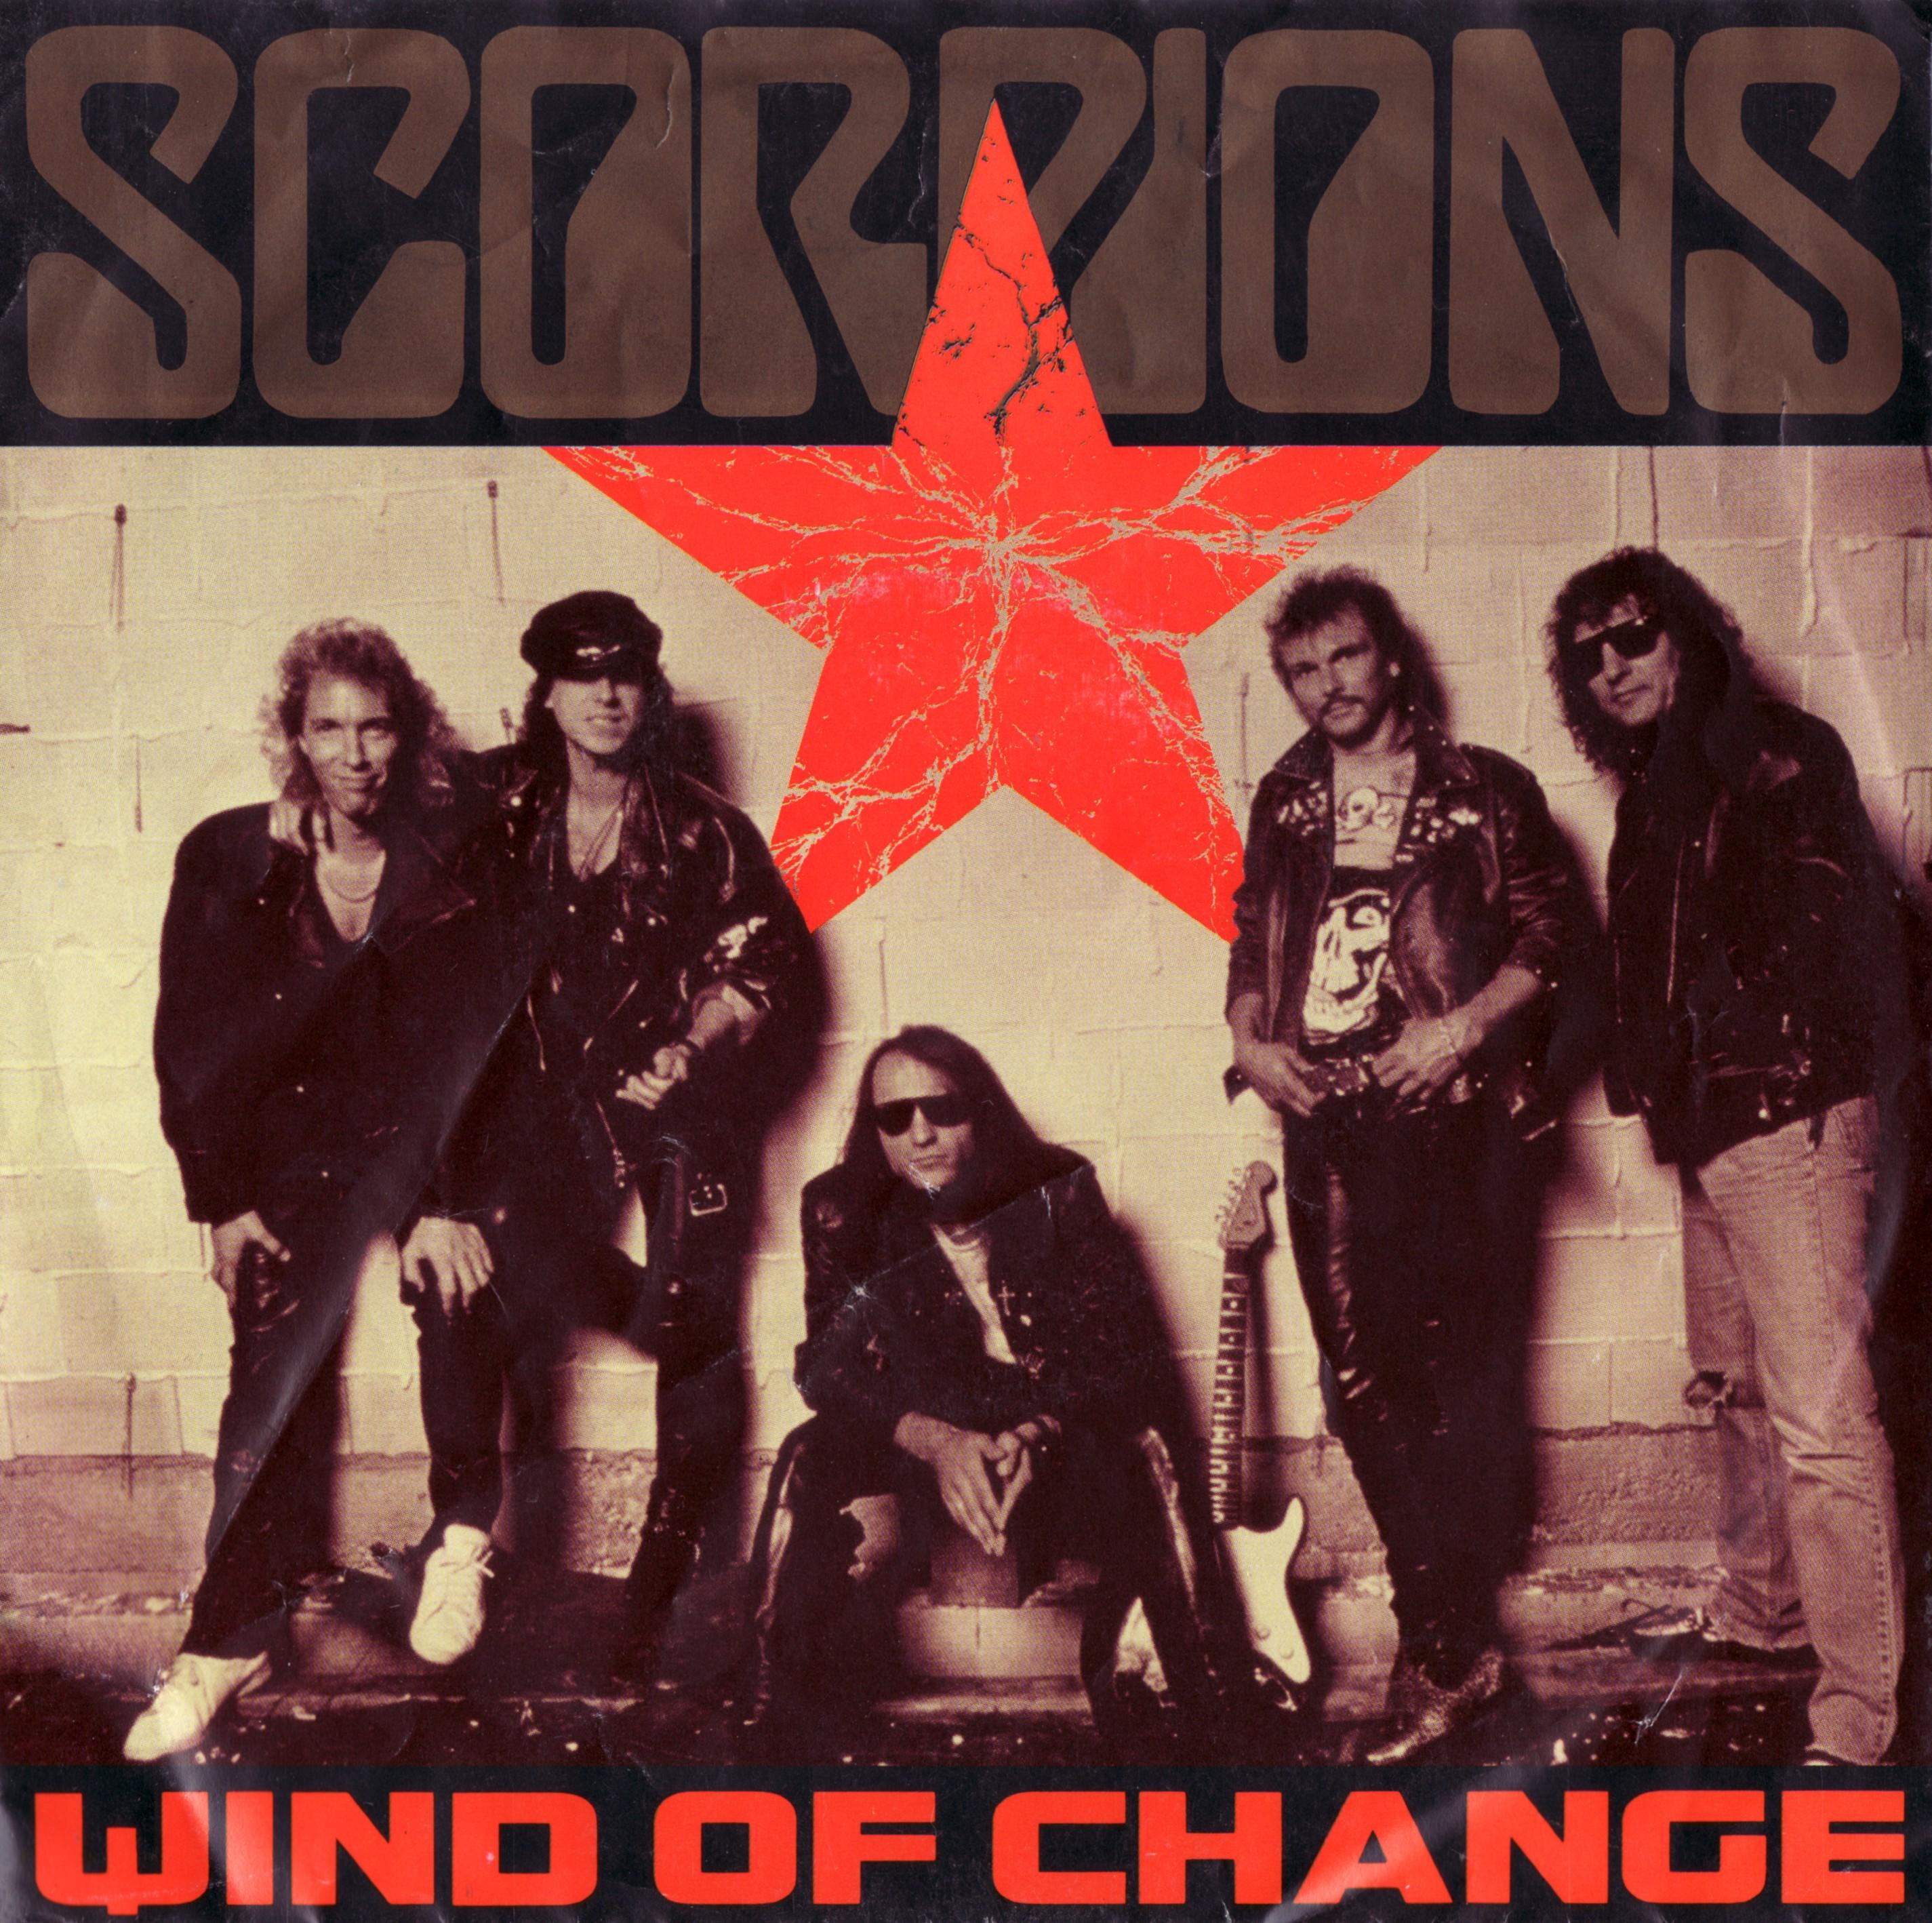 Scorpions – Wind of change : Europa FM